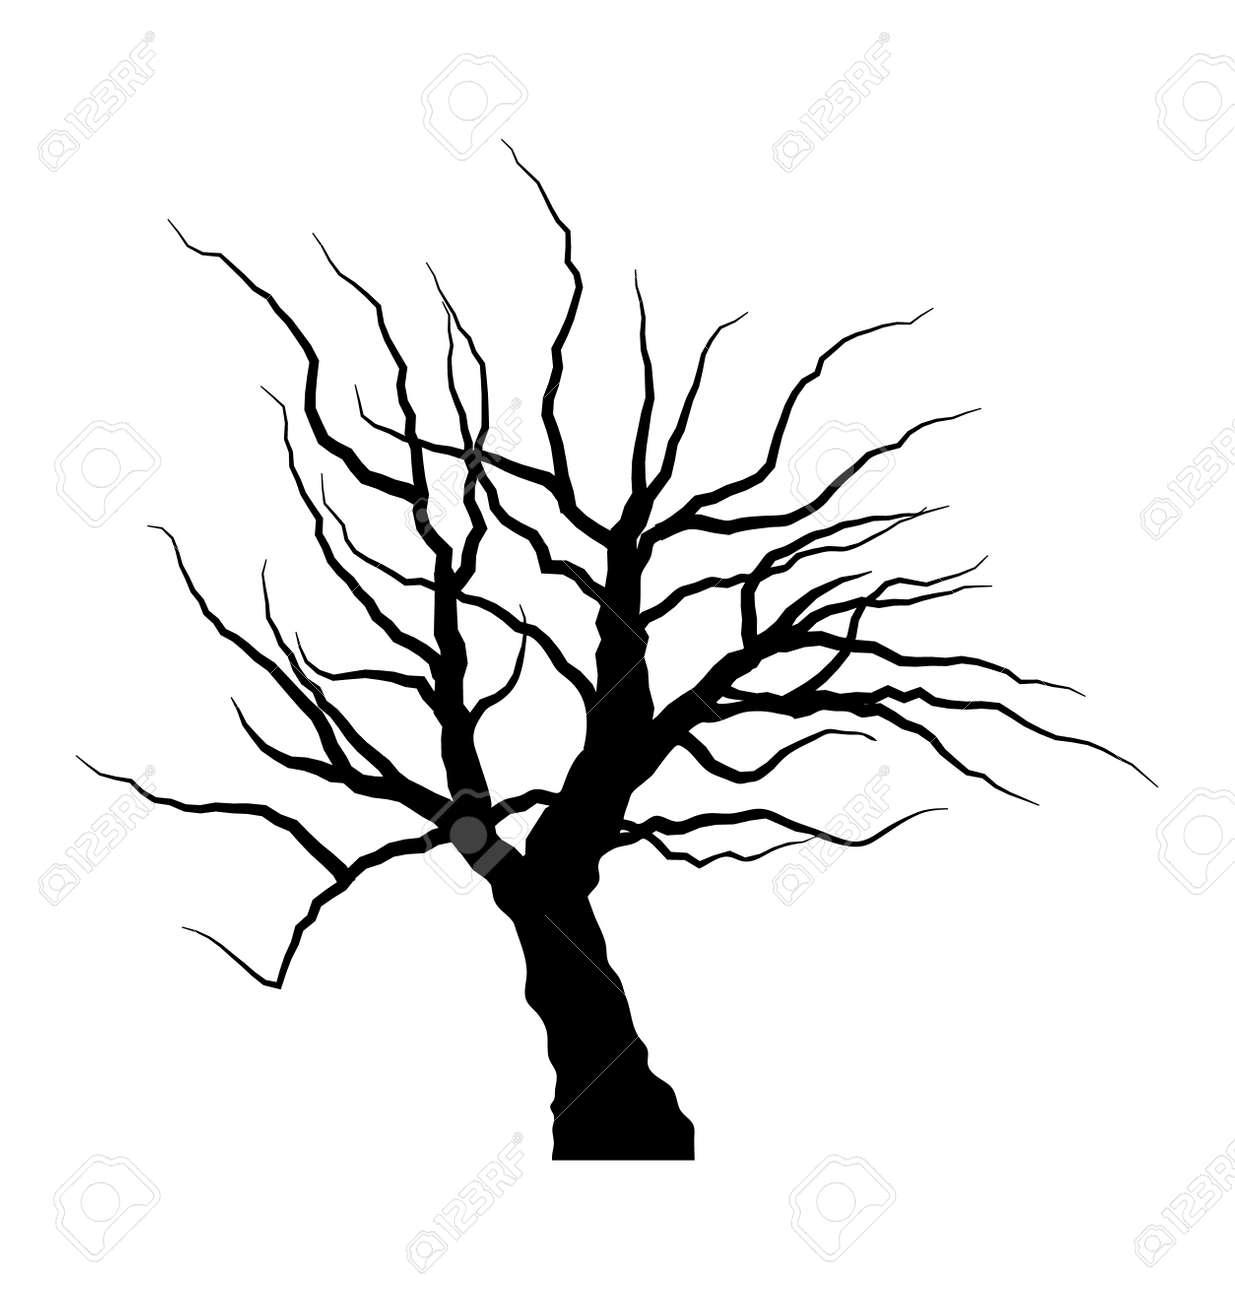 Dibujo Ilustración De árbol Muerto Sin Hojas Aisladas Sobre Fondo